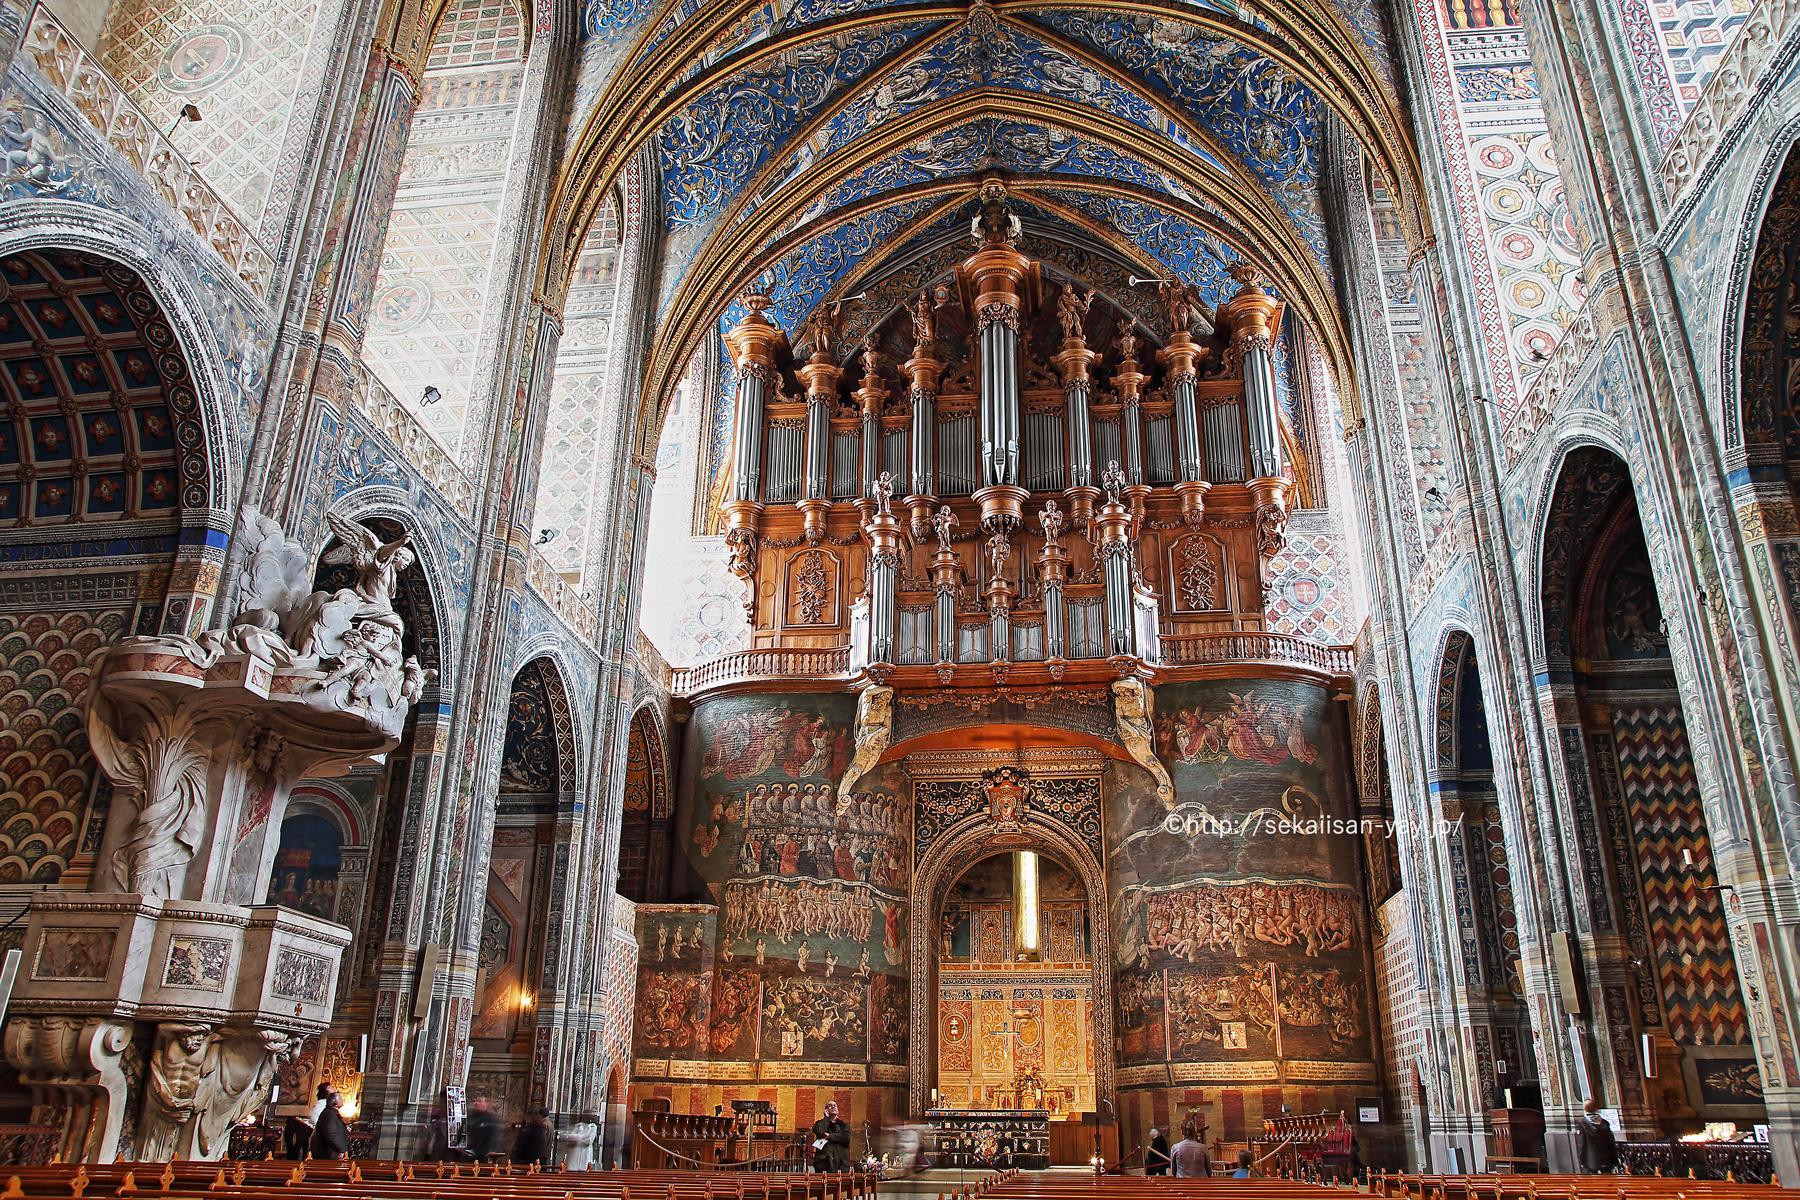 フランス世界遺産「アルビ司教都市」- サント・セシル大聖堂